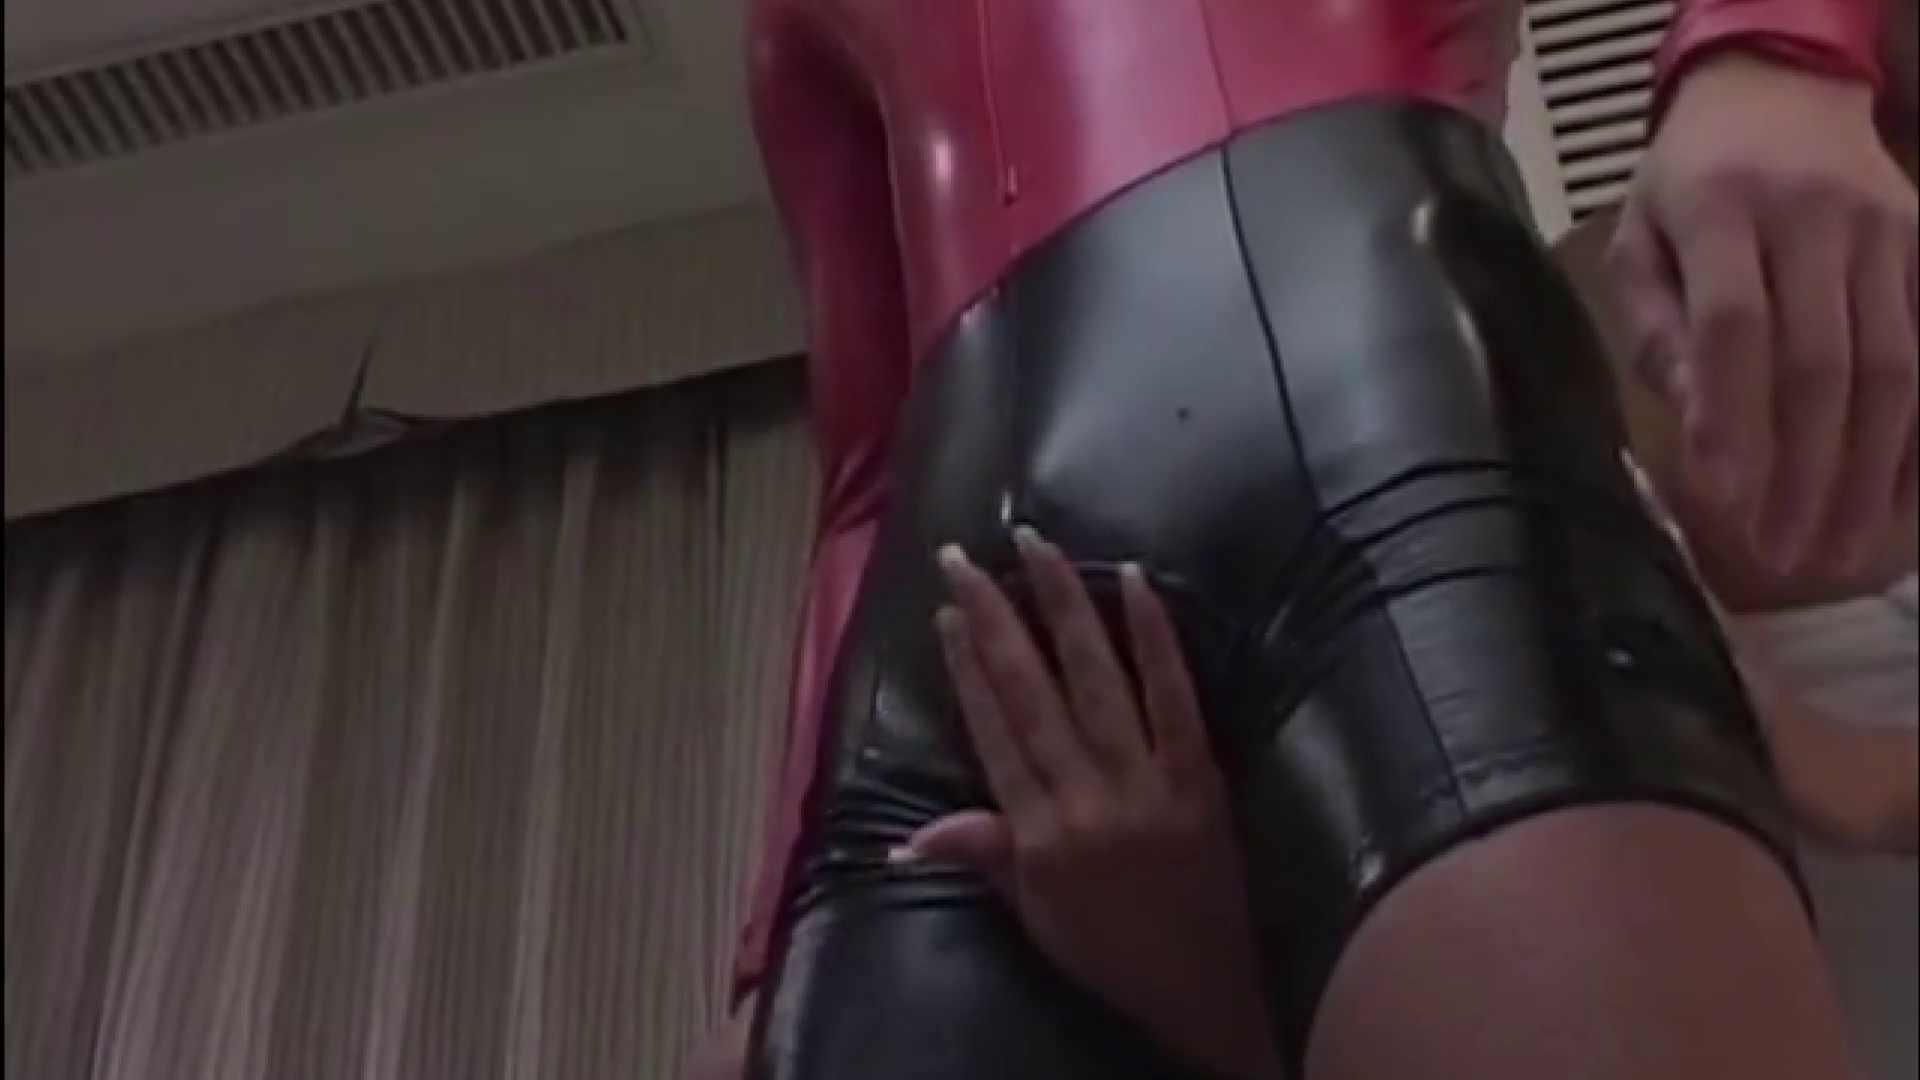 ゲイ 肉棒 動画|イケイケMEN'SCLUB vol.12前編|対女性